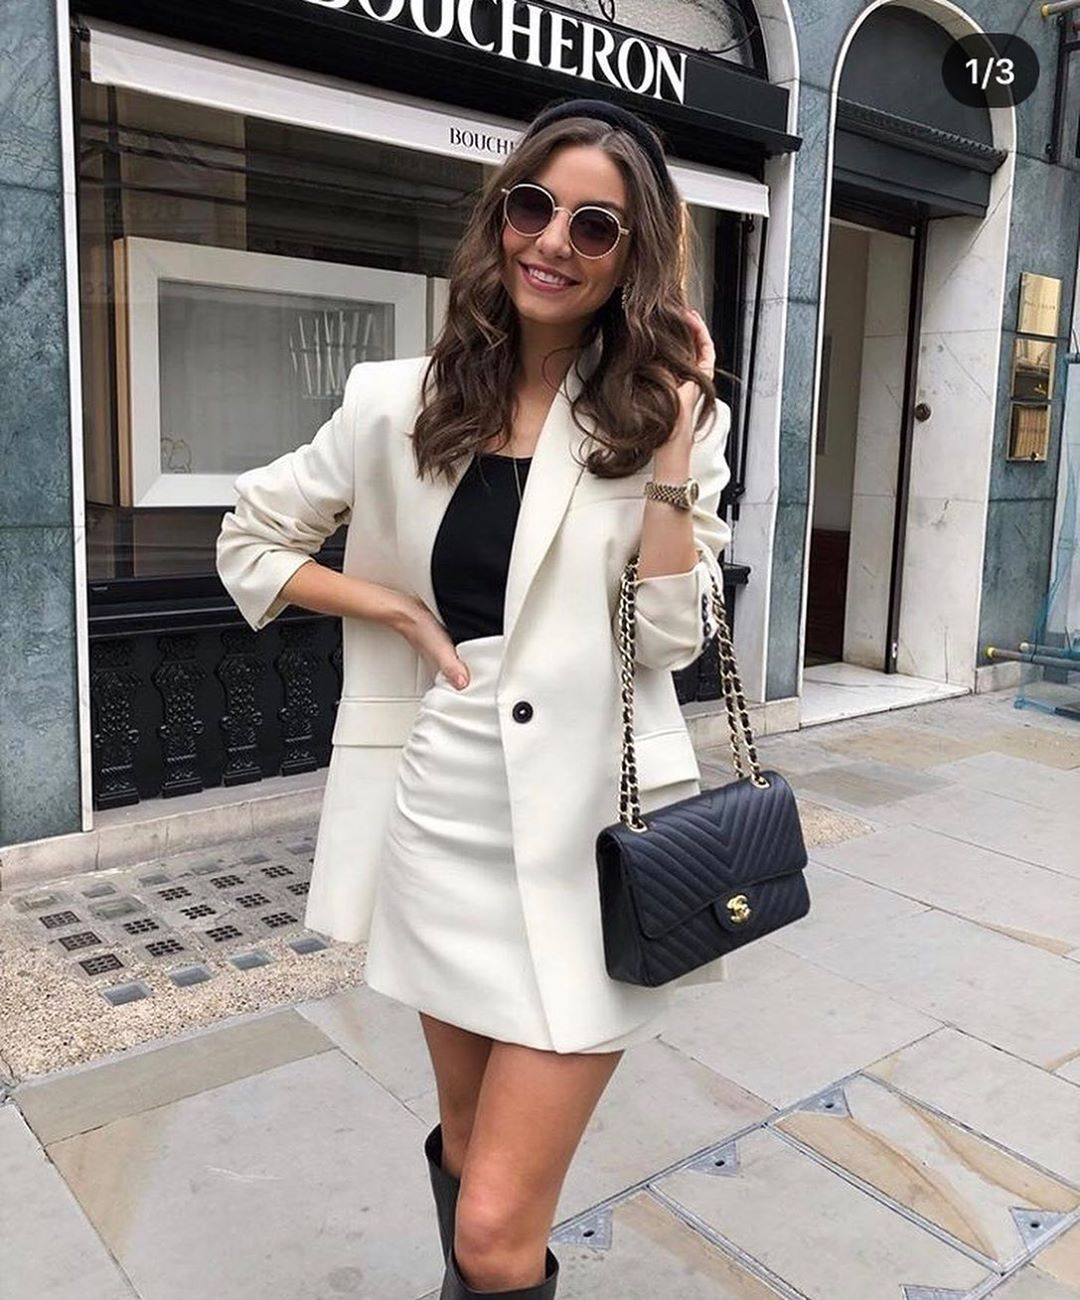 jacket xl de Zara sur look_by_zara_hm